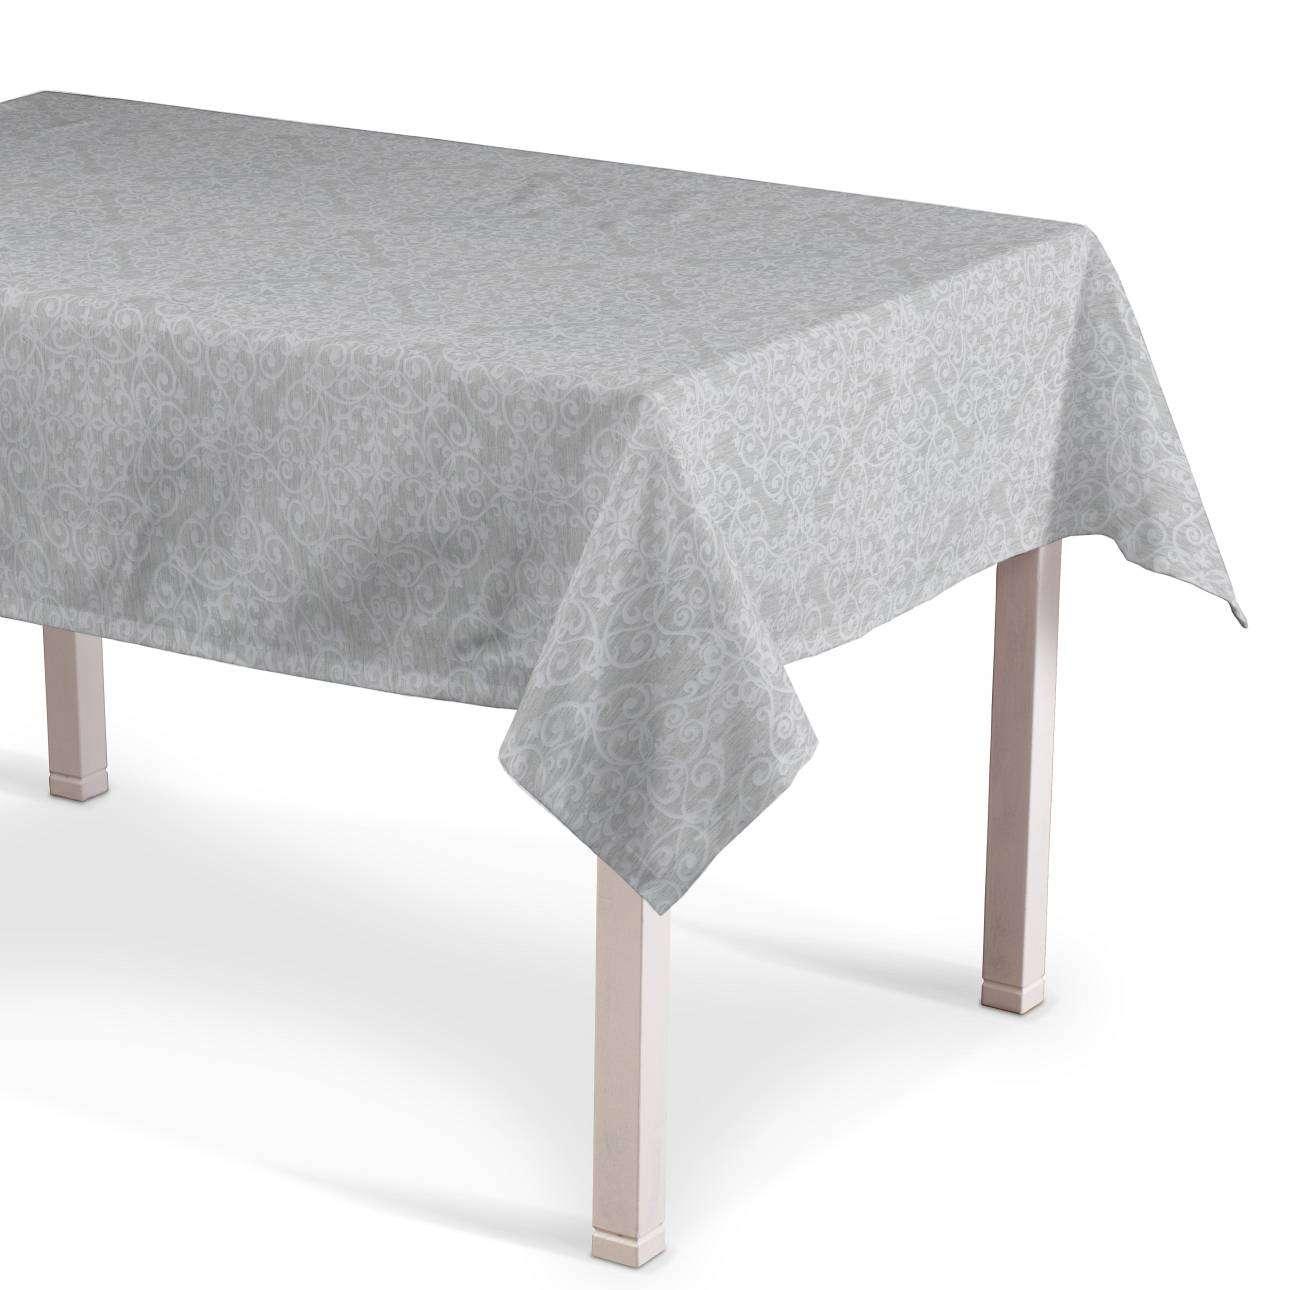 Obrus na stôl obdĺžnikový V kolekcii Venice, tkanina: 140-49